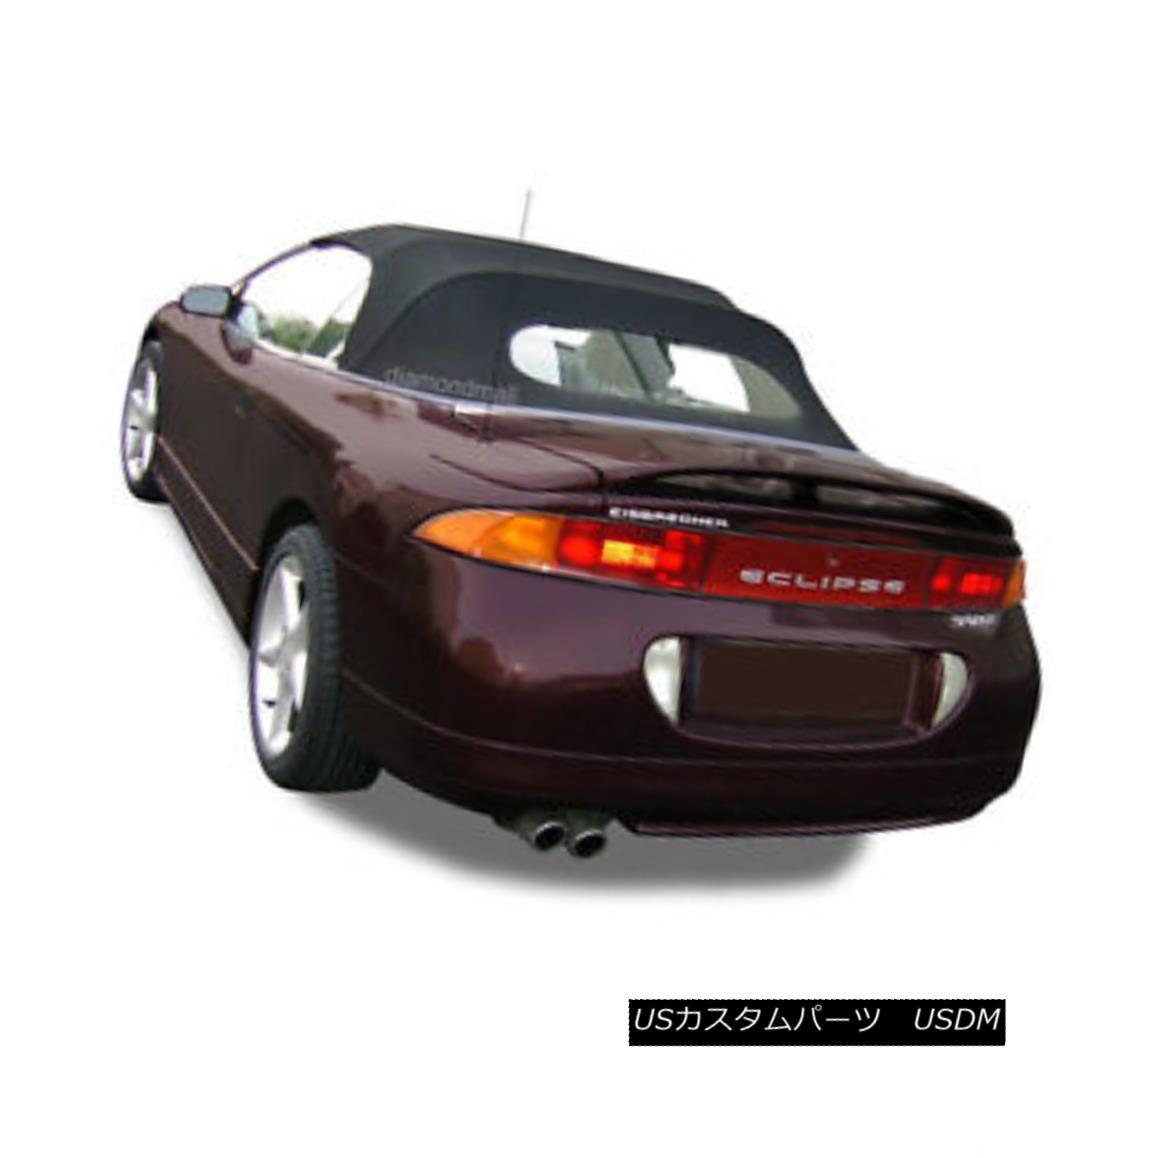 幌・ソフトトップ Mitsubishi Eclipse 1995-99 Convertible Soft Top & Glass Window Black Cloth 三菱Eclipse 1995-99コンバーチブルソフトトップ& ガラス窓黒い布